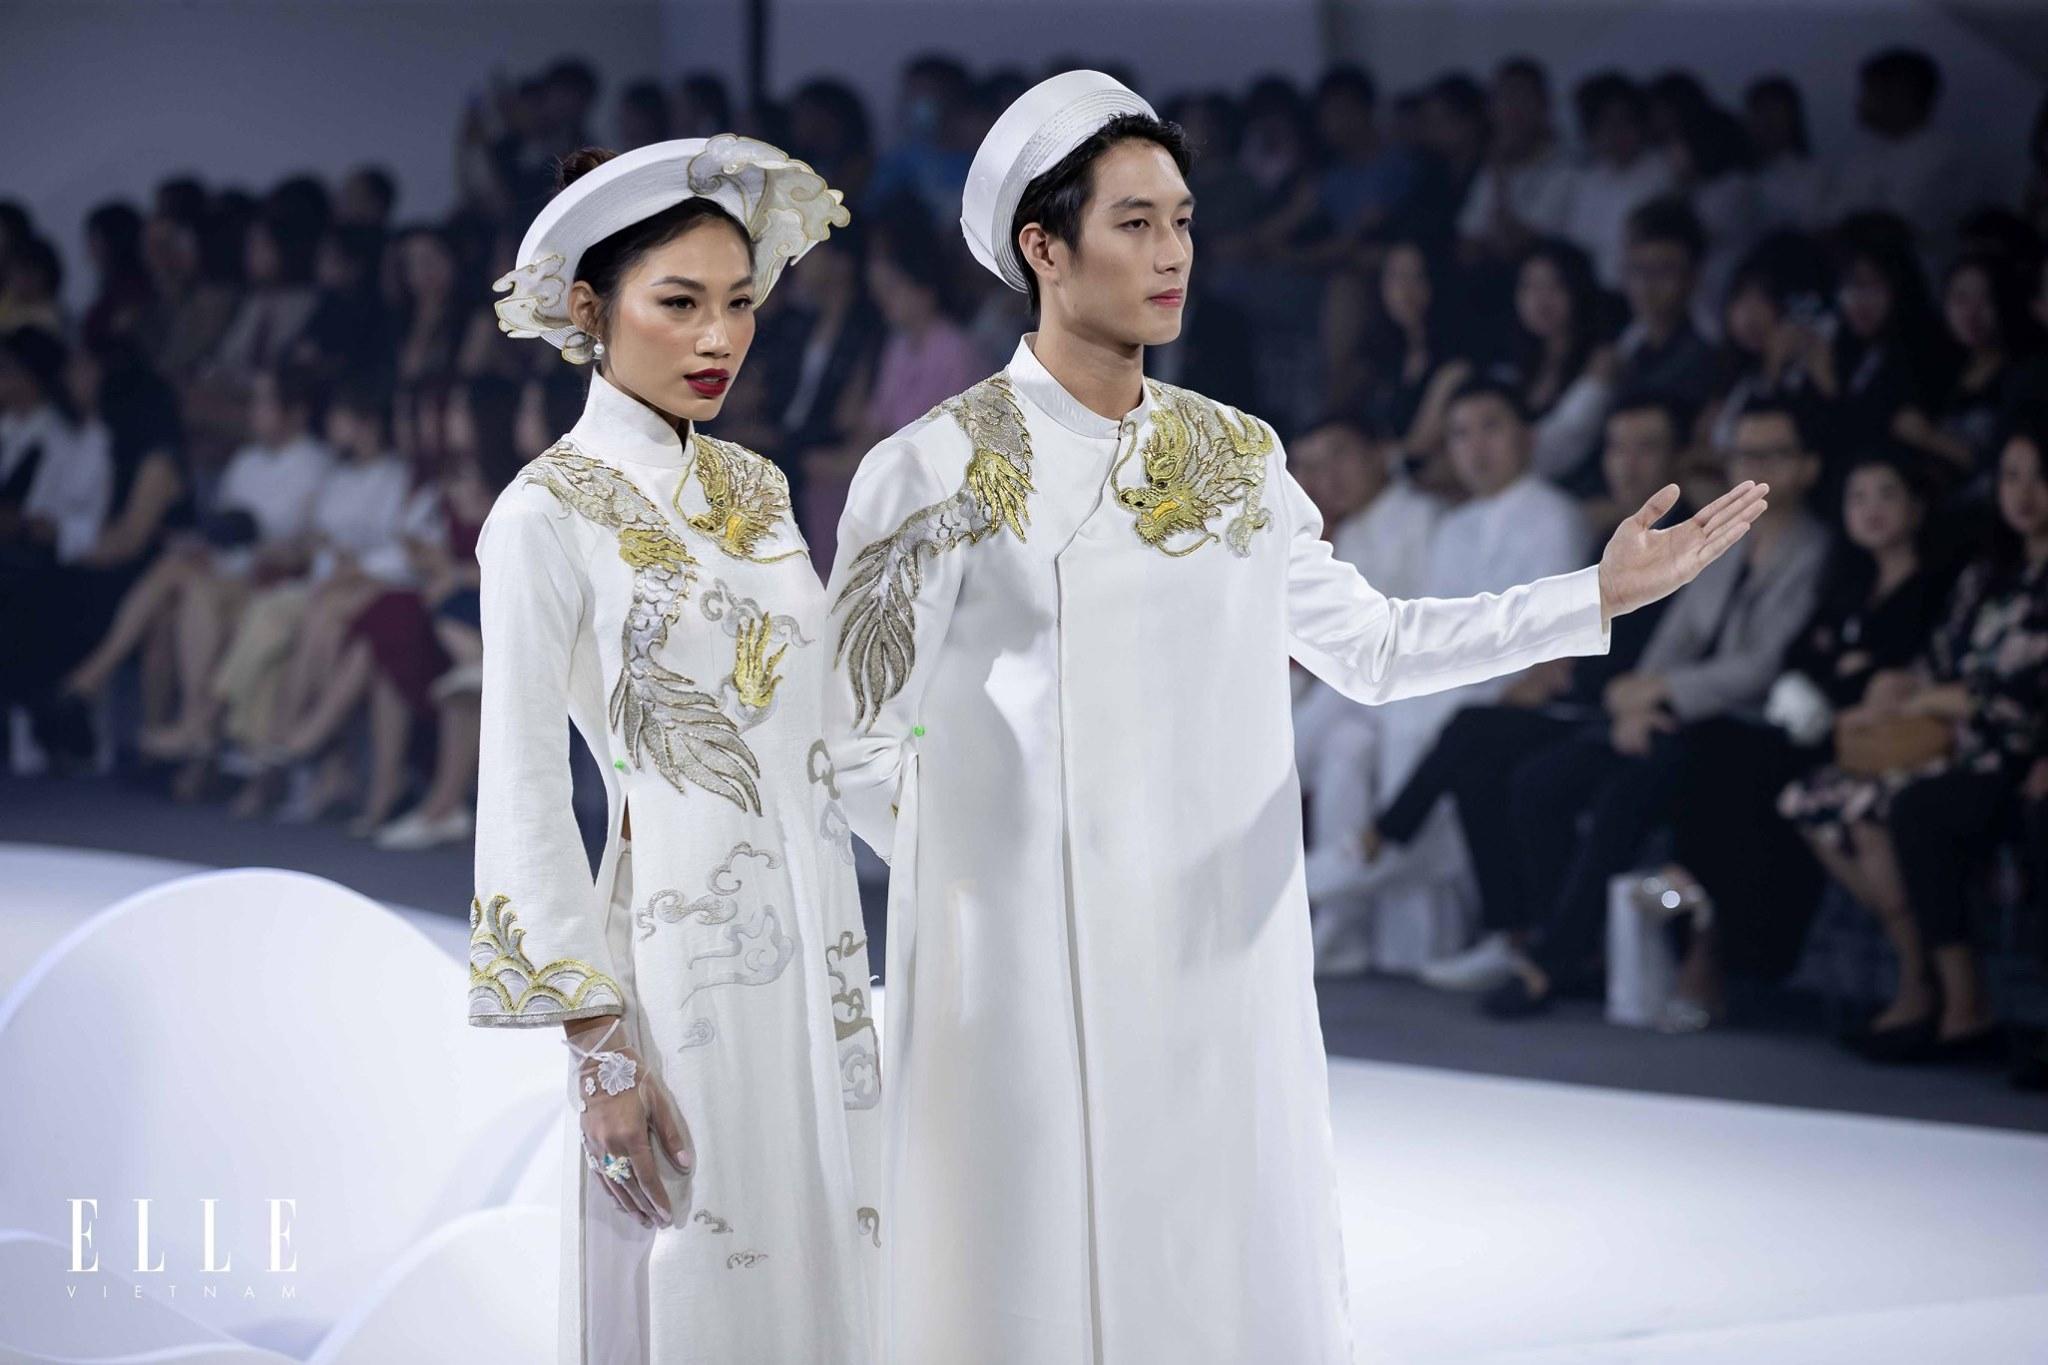 elle wedding art gallery cặp đôi trong áo dài cưới trắng